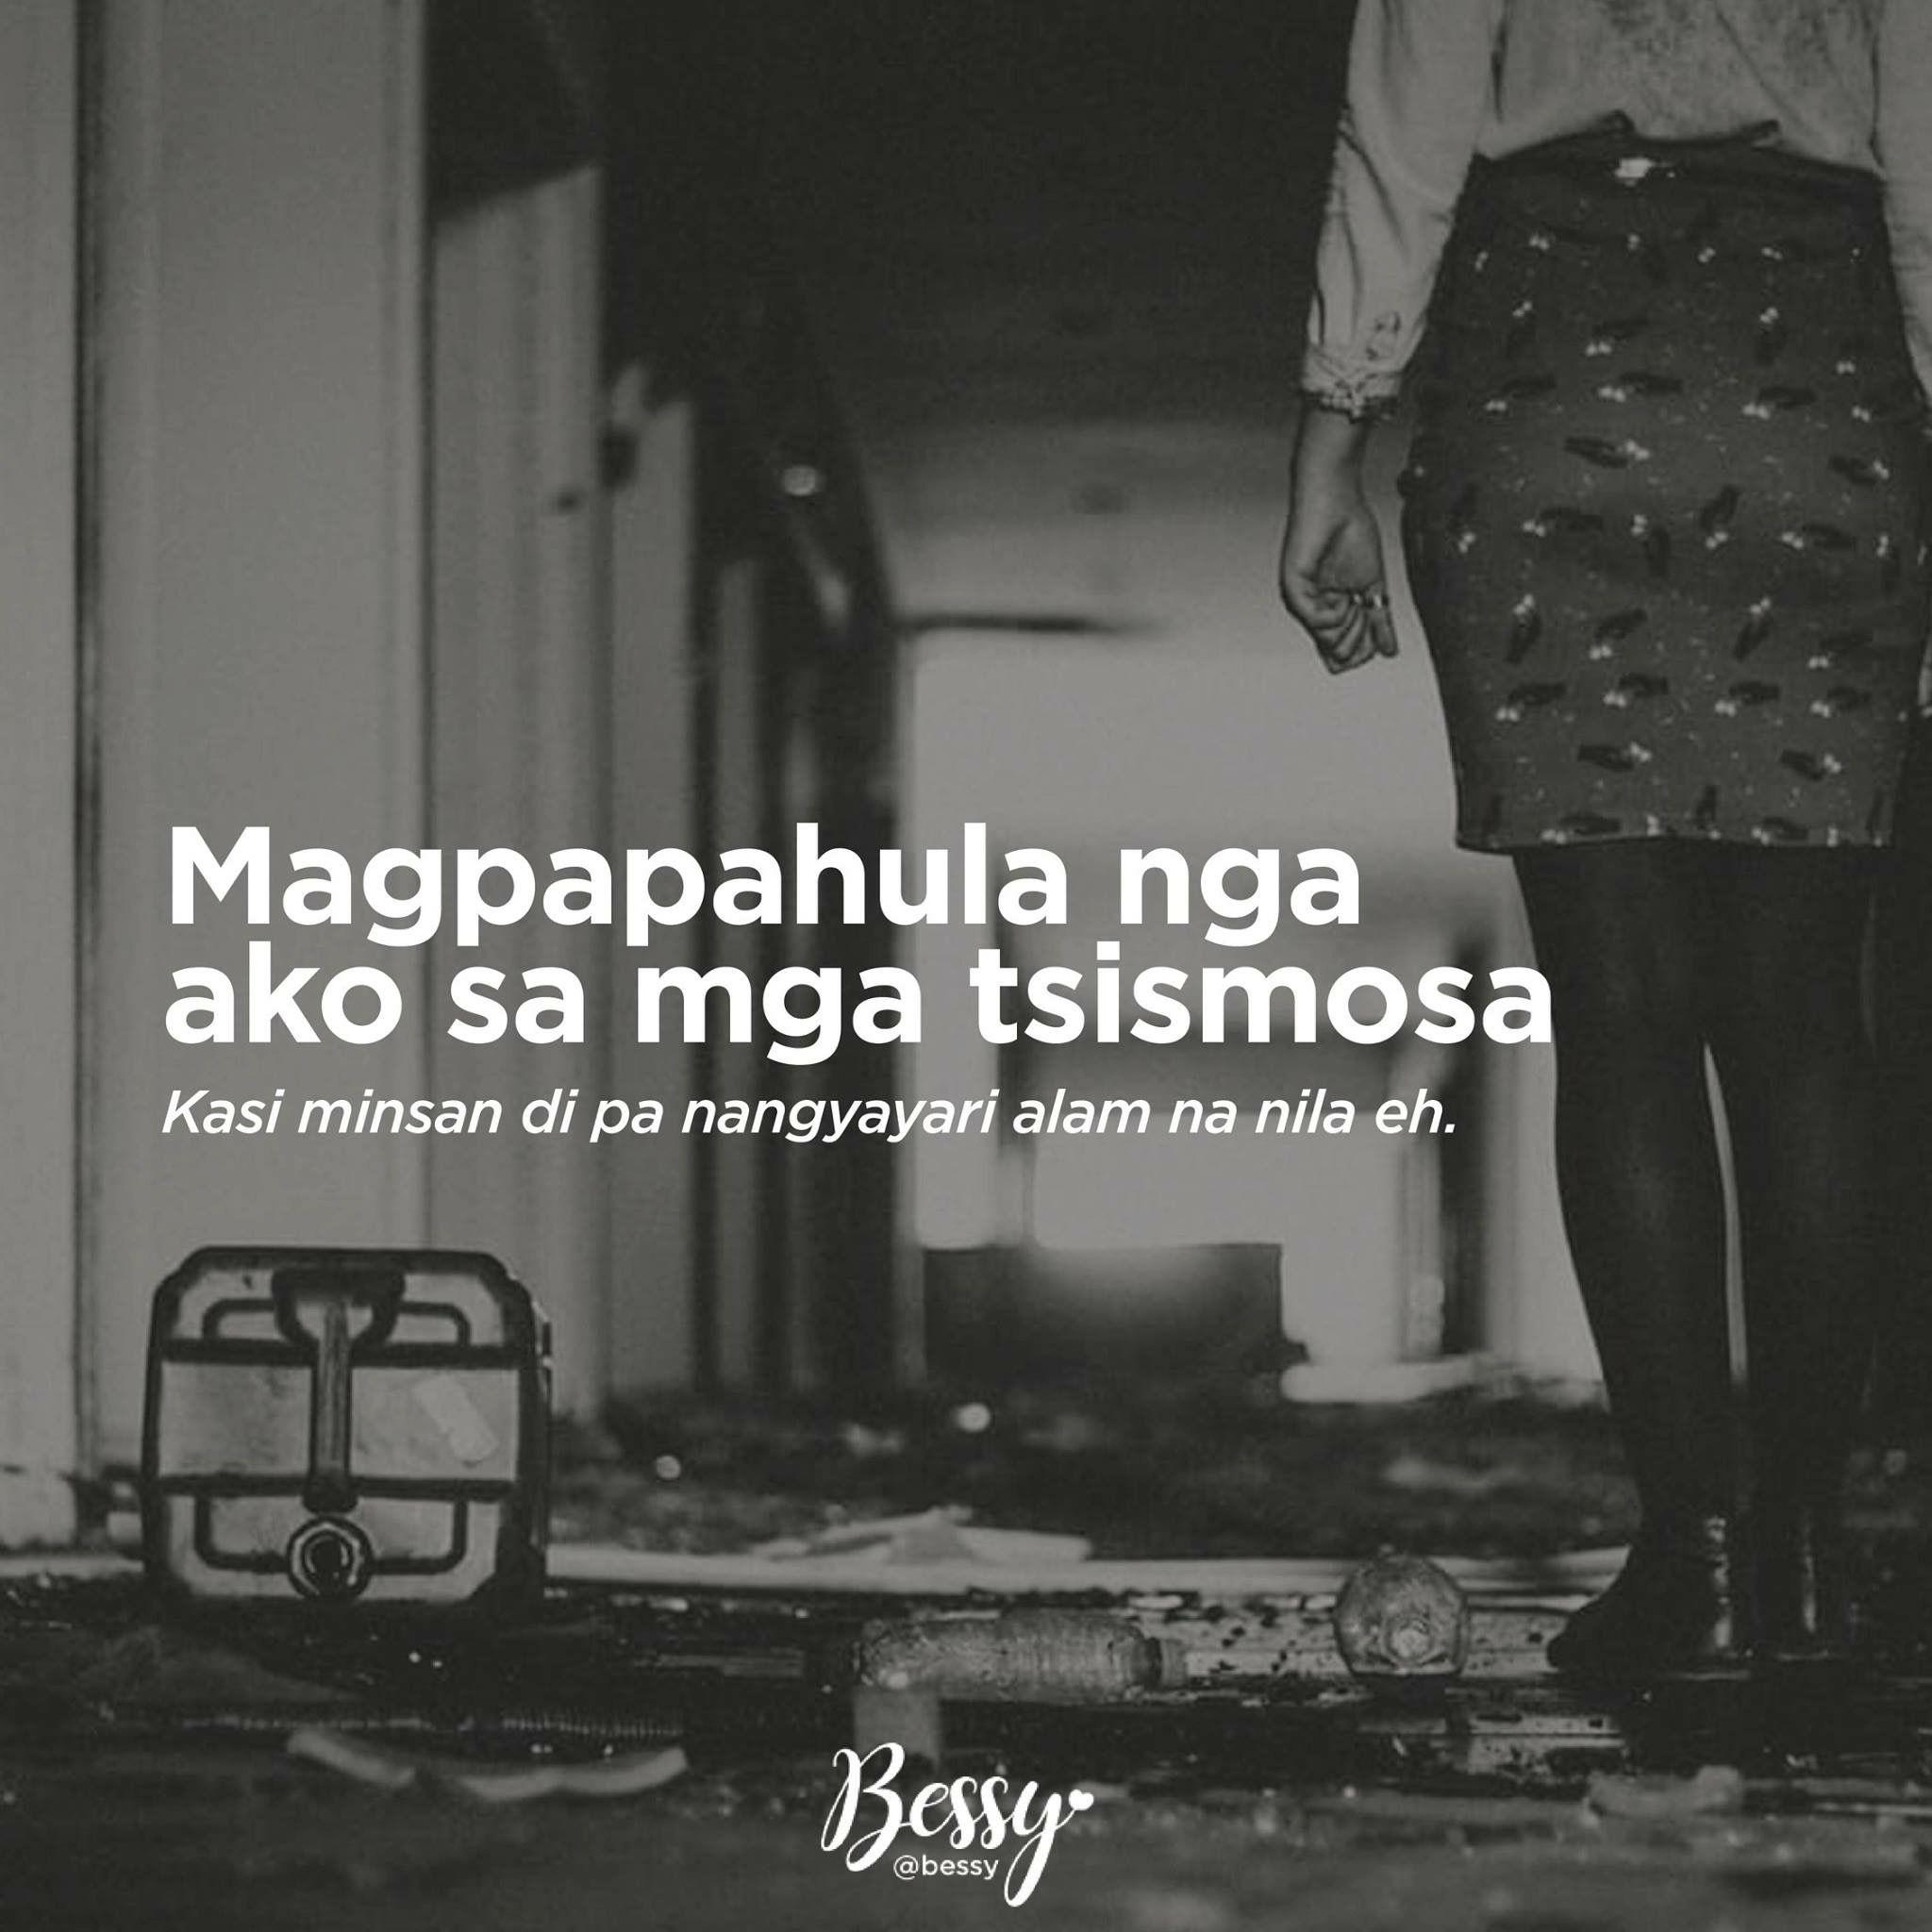 Tagalog Quotes Patama, Tagalog